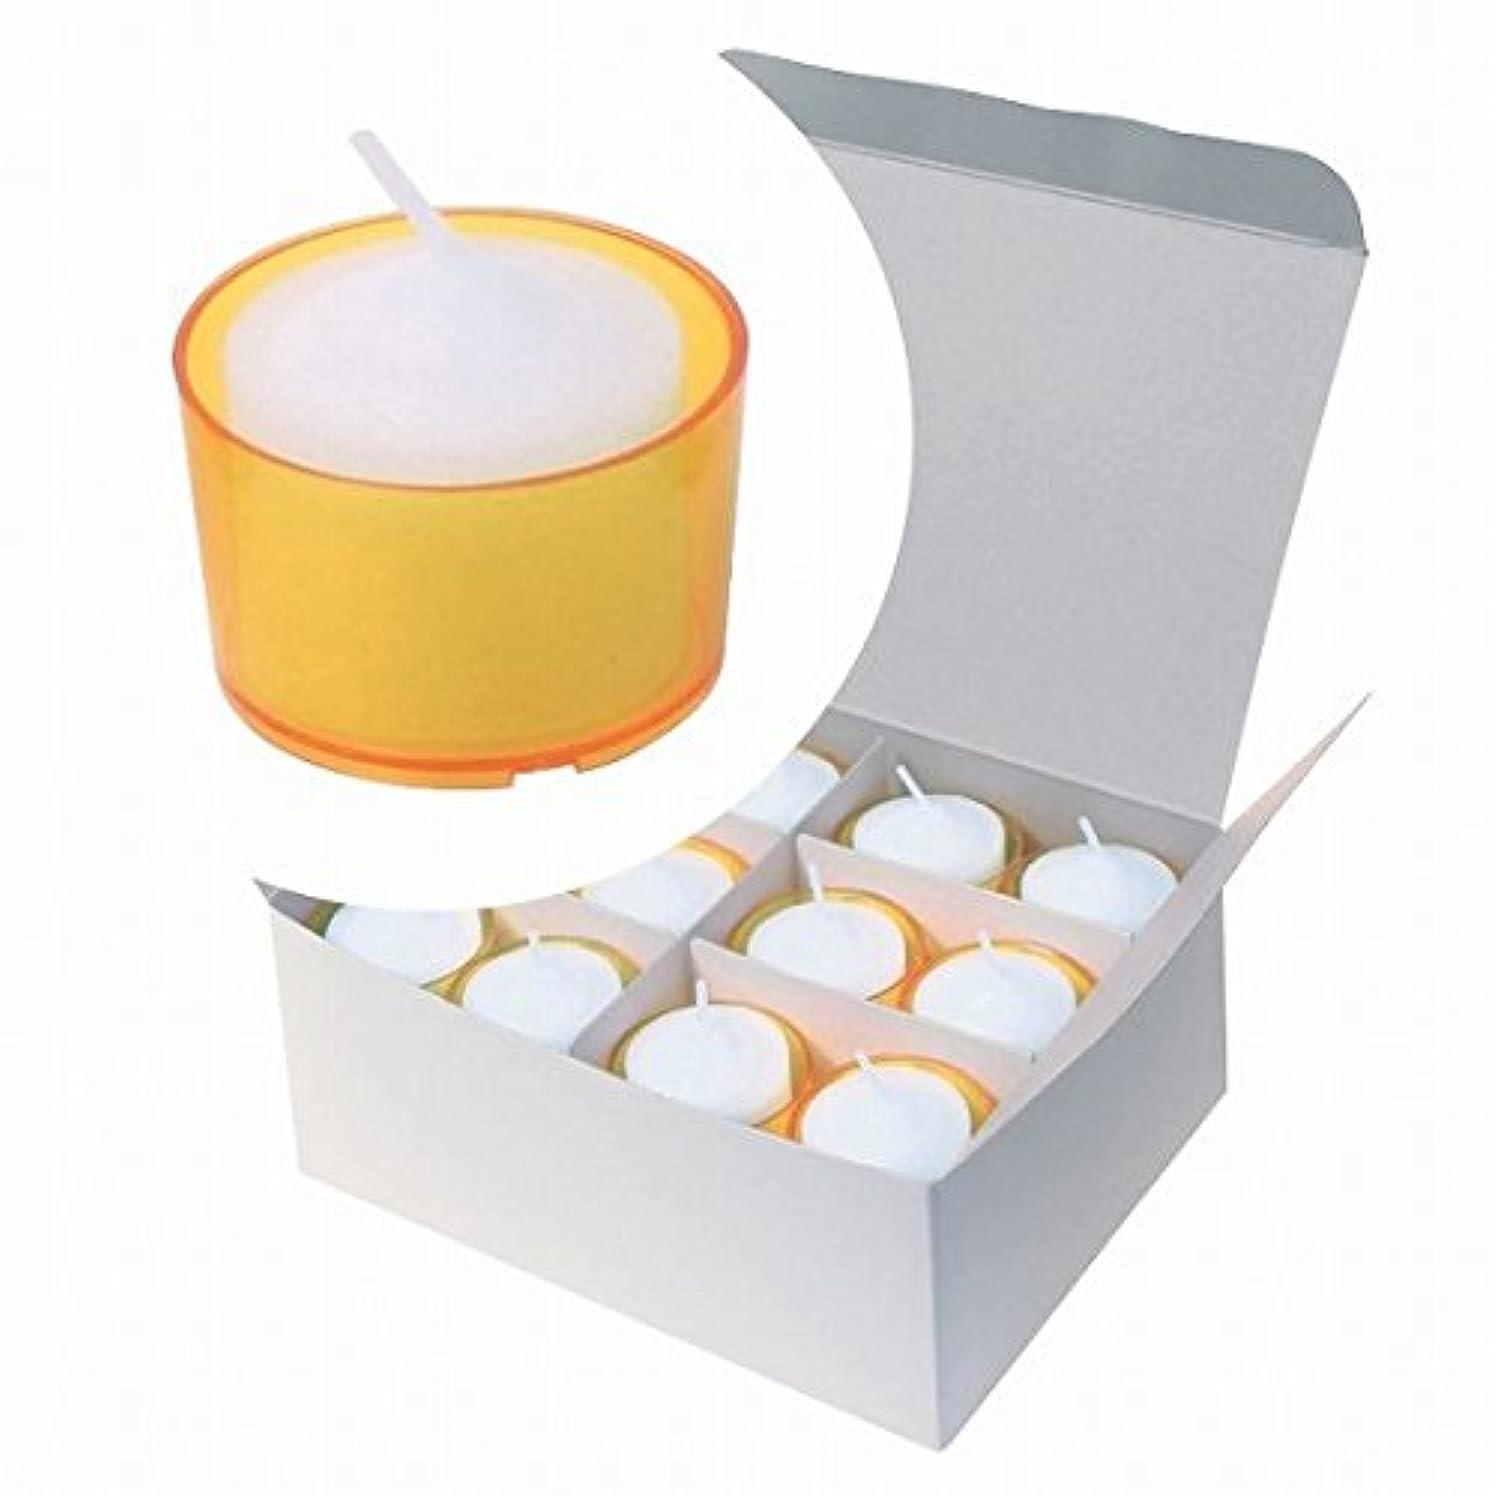 ひらめきのりビバカメヤマキャンドル( kameyama candle ) カラークリアカップボーティブ6時間タイプ 24個入り 「 イエロー 」